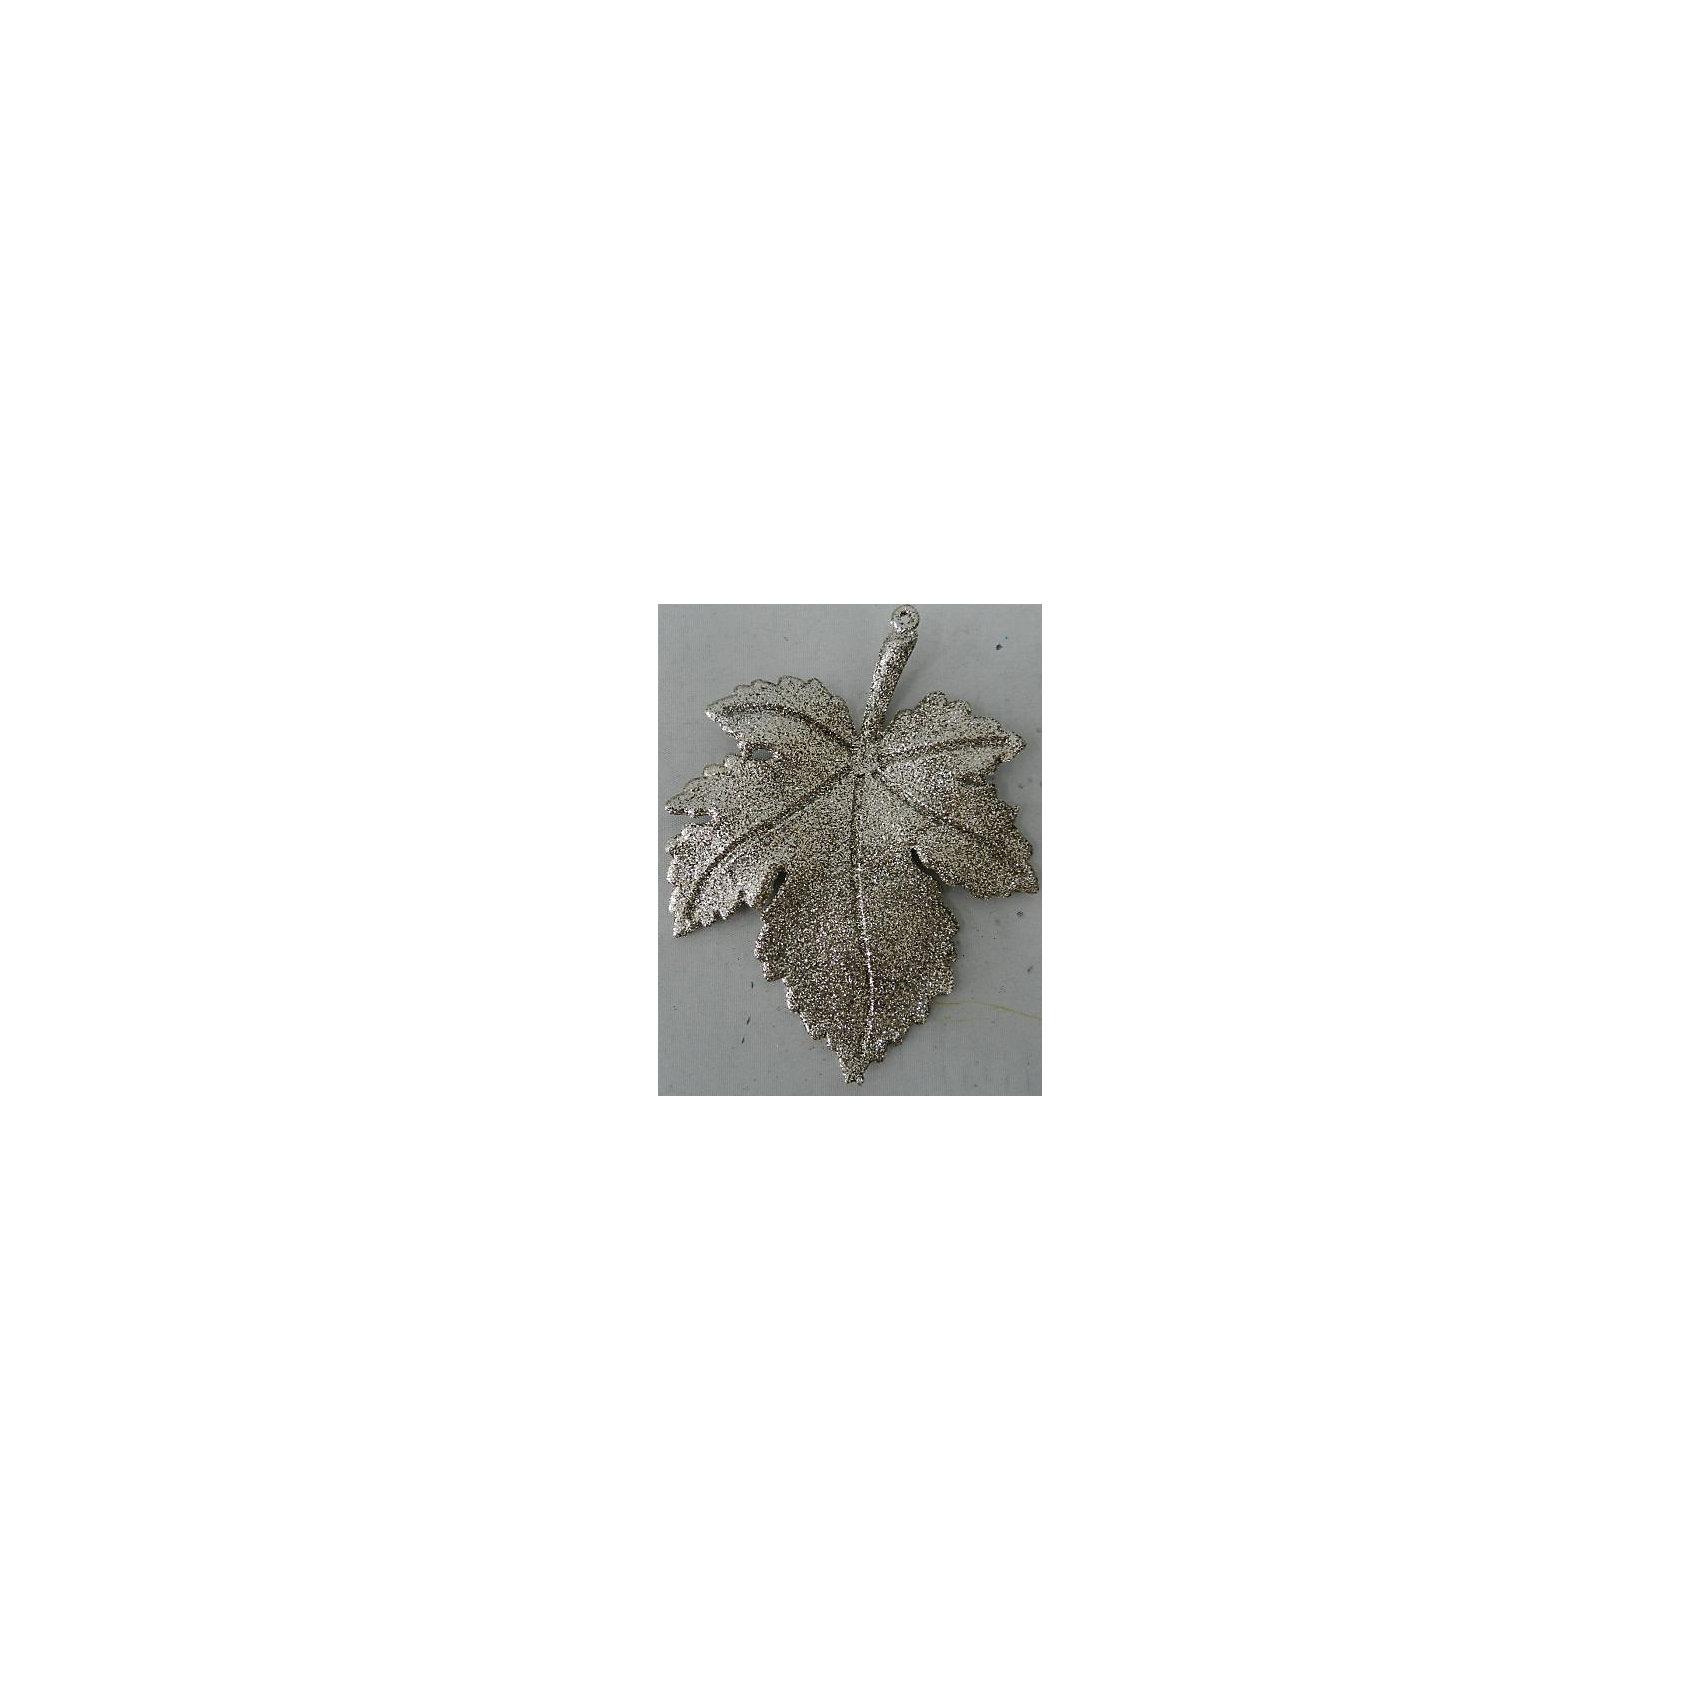 Украшение Листочек 14*11 смУкрашение Листочек 14 * 11 см - впустите атмосферу зимы и праздников в ваш дом! С этим декоративным листочком так весело наводить красоту и радовать близких. Подвесное украшение прекрасно подойдет не только для елки, но и для украшения штор, стен или даже люстры. Украшение легко крепится с помощью небольшого отверстия у основания, в него можно продеть шнурок, металлическую проволочку или узкую ленту. Размер листочка составляет 14 на 11 см. Листочек представлен в серебристом цвете и декорирован блестками для большего сияния.<br><br>Дополнительная информация:<br>- Размер: 14 * 11 см.<br>- Материал: полипропиллен<br>- Объемный <br>- Декорирован блестками <br>Украшение  Листочек  можно купить в нашем интернет-магазине.<br>Подробнее:<br>• Для детей в возрасте: от 3 лет<br>• Номер товара: 4981404<br>Страна производитель: Китай<br><br>Ширина мм: 100<br>Глубина мм: 100<br>Высота мм: 60<br>Вес г: 30<br>Возраст от месяцев: 36<br>Возраст до месяцев: 2147483647<br>Пол: Унисекс<br>Возраст: Детский<br>SKU: 4981404